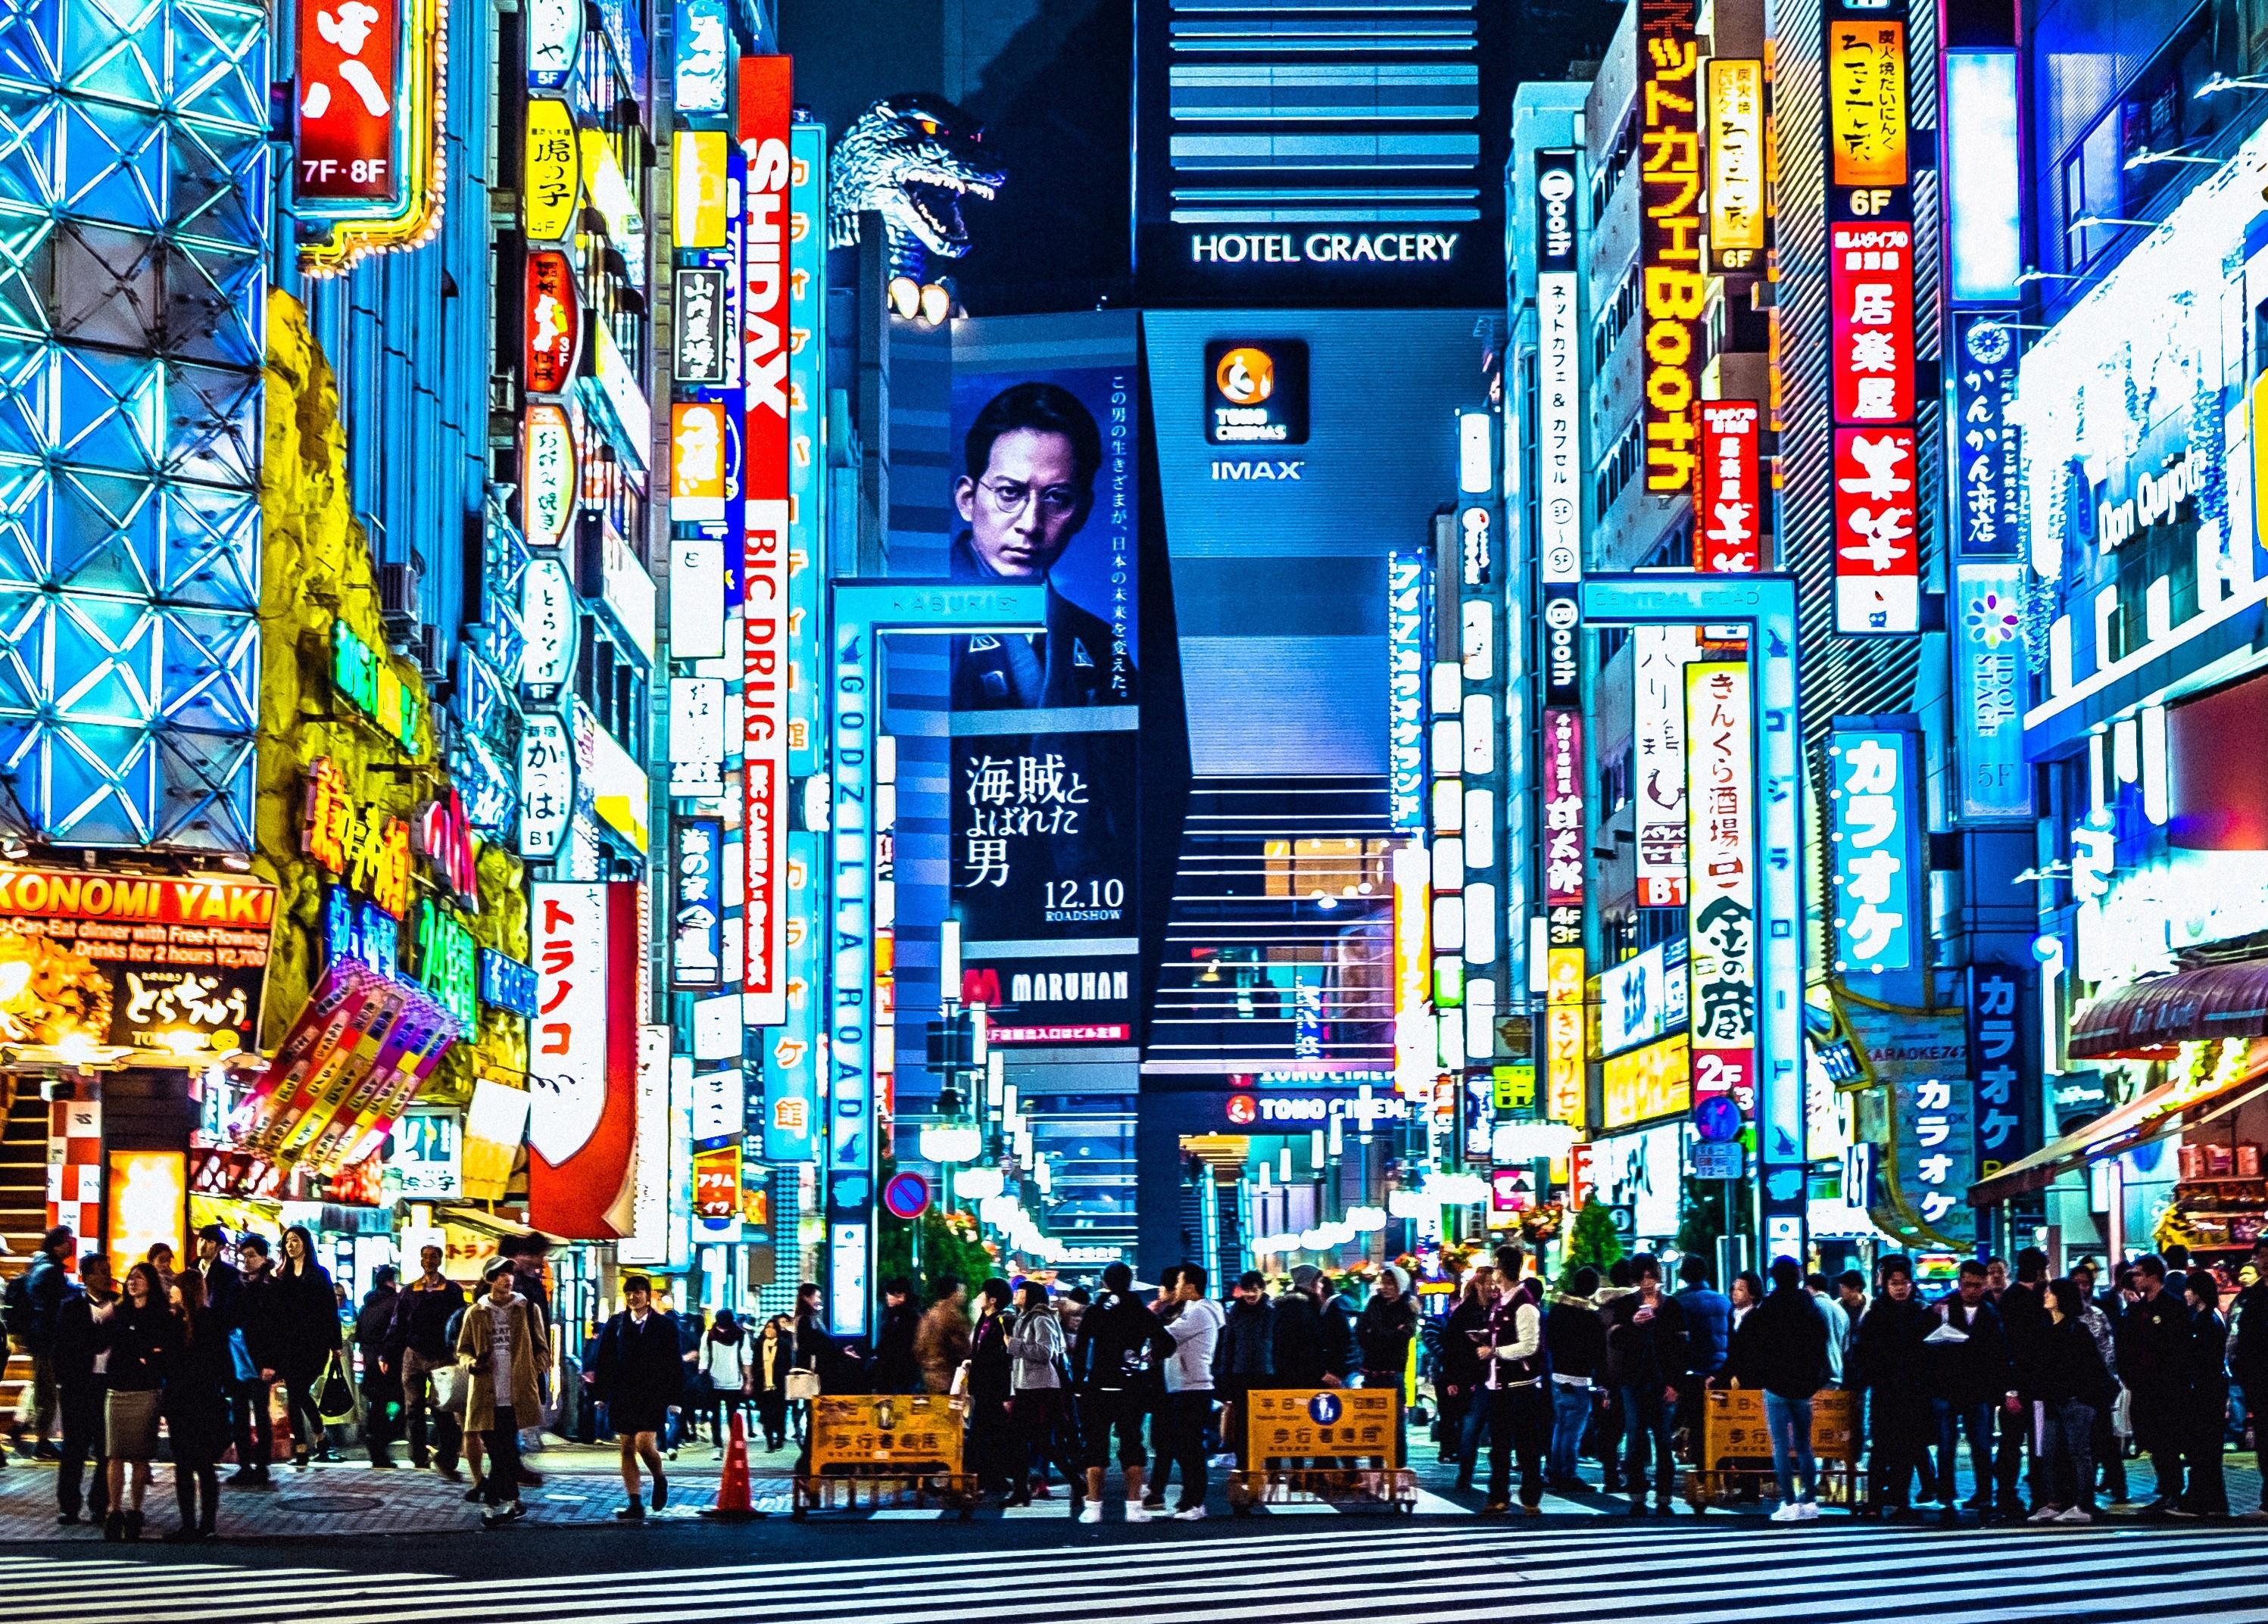 Tokio se ubica en la posición número 10 del Time Out Index. La sede de los próximos Juegos Olímpicos 2020 recibe de nuevo los reflectores y es según la encuesta, la ciudad que todo el mundo quiere visitar este año. Las tradiciones japonesas, unidas a su gastronomía y a la facilidad de moverse en ella, son parte de sus atributos. Foto: Erik Eastman